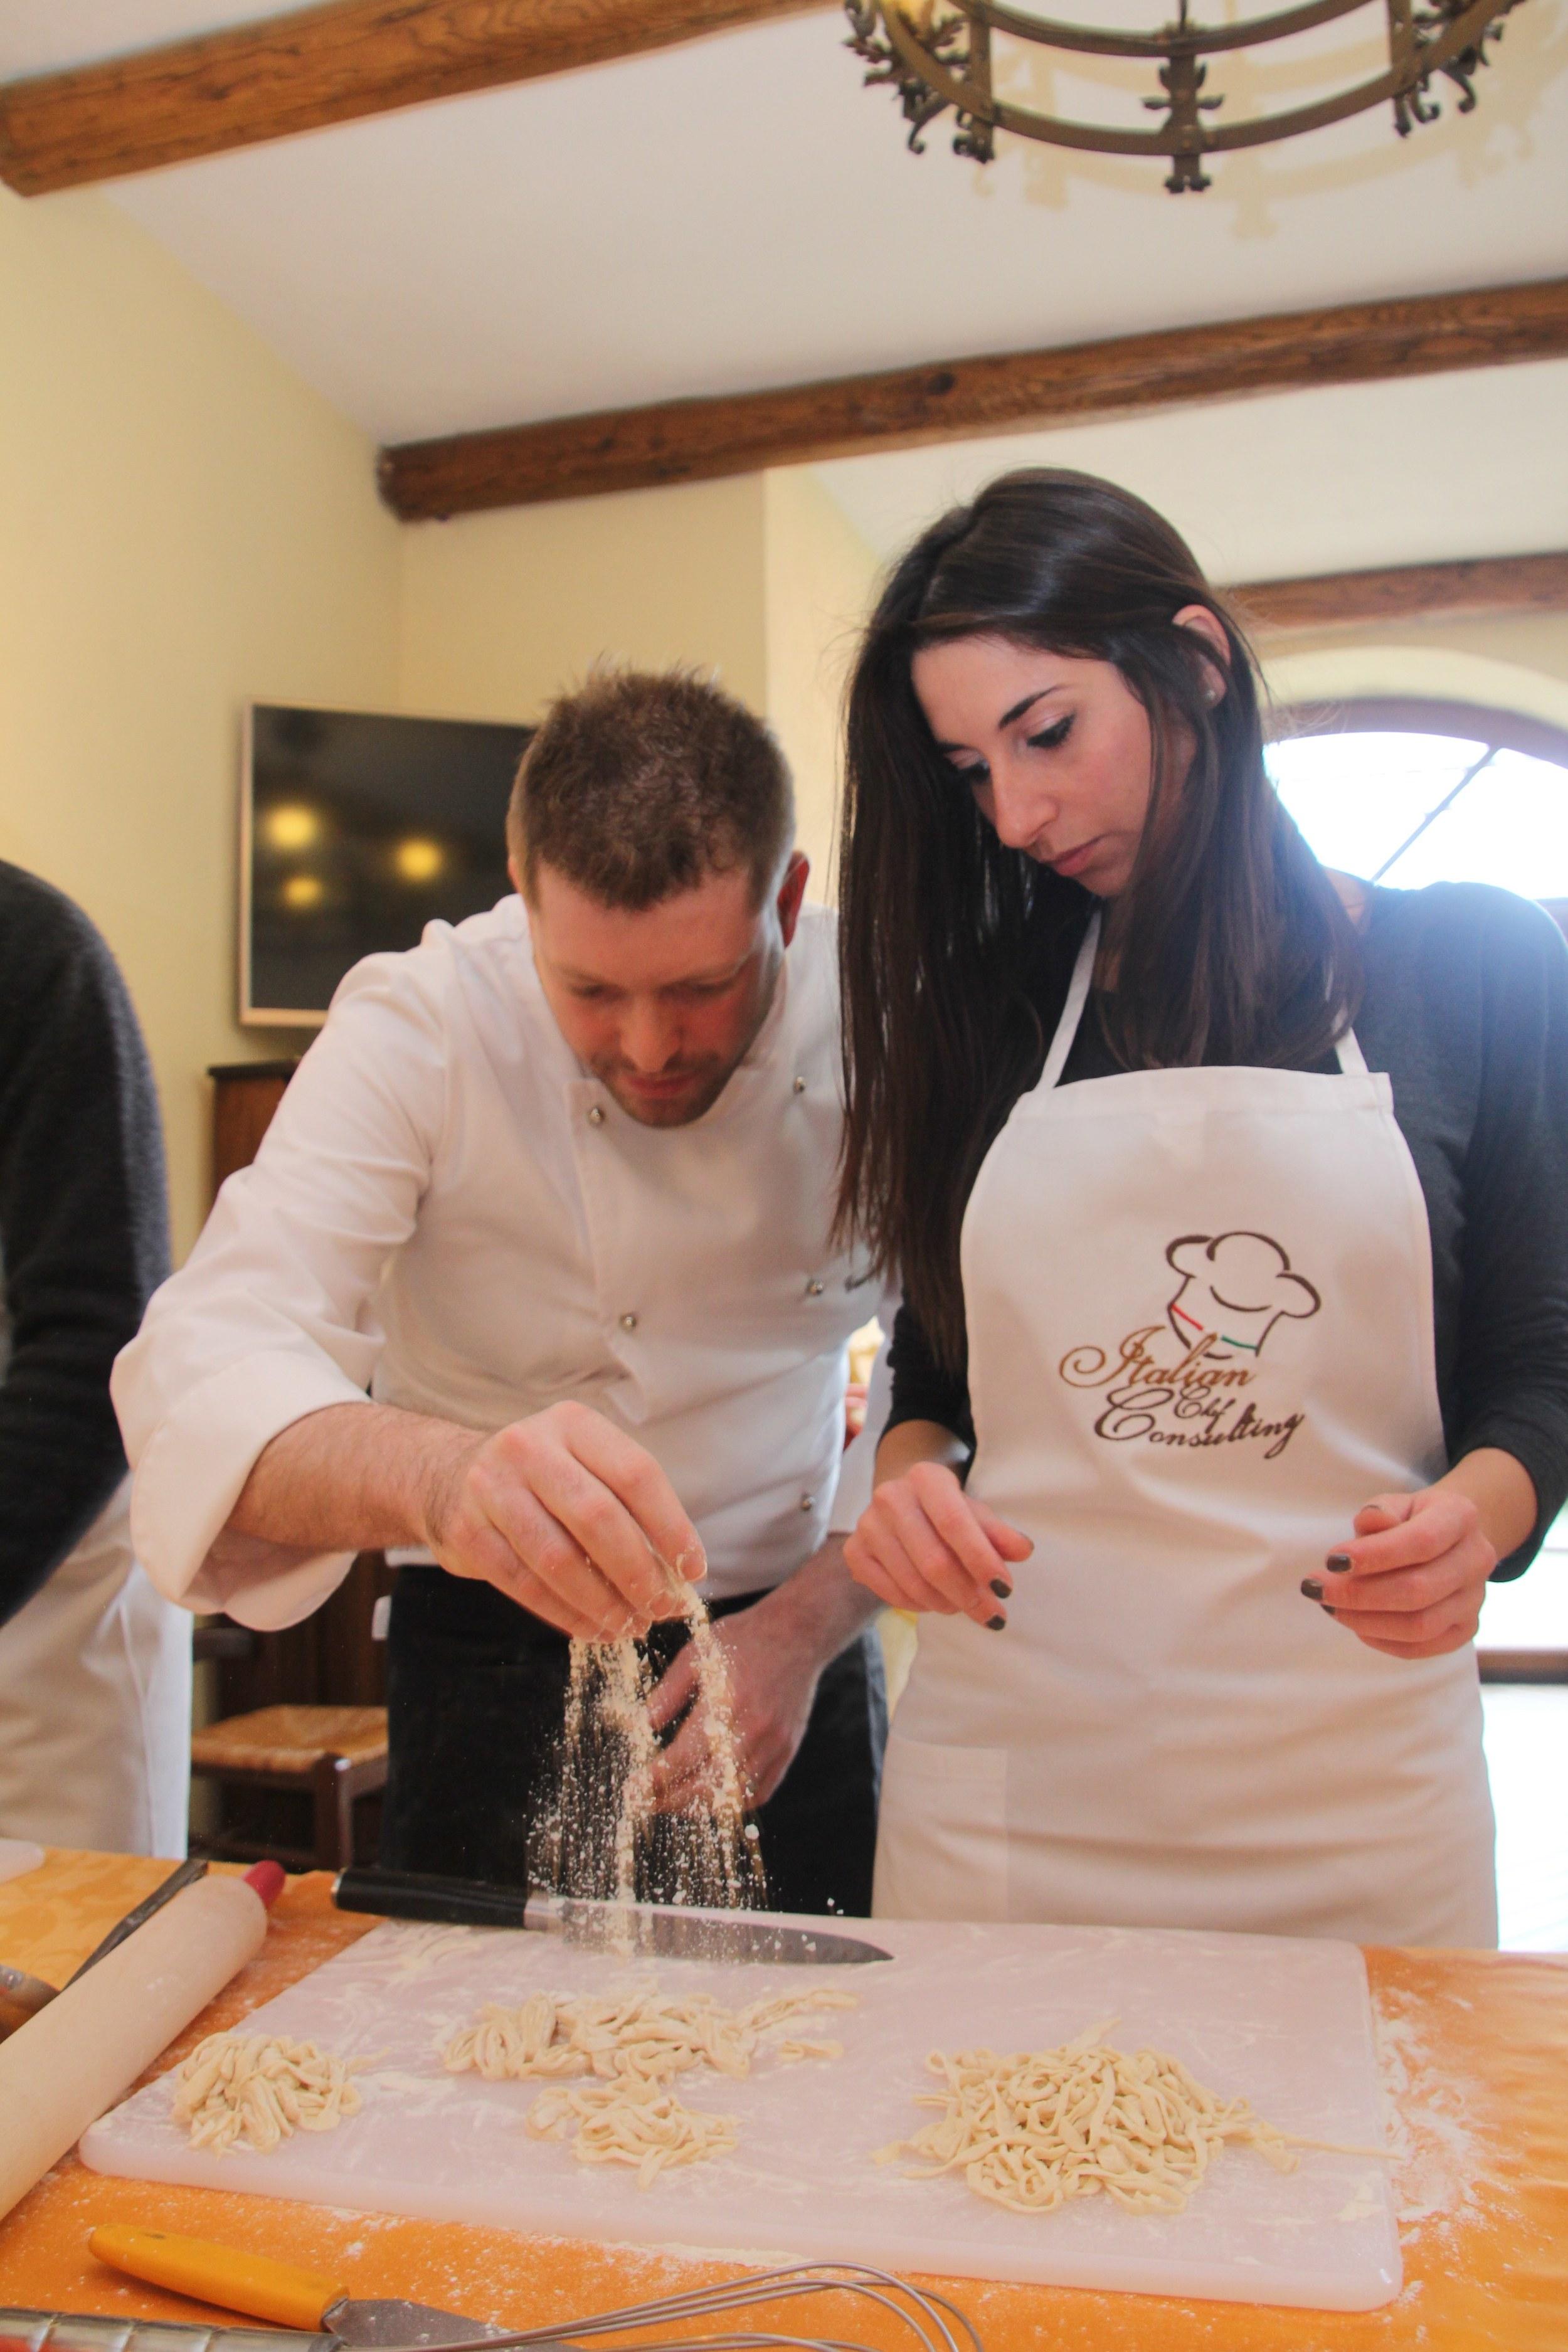 michelin star cooking class girl.jpg